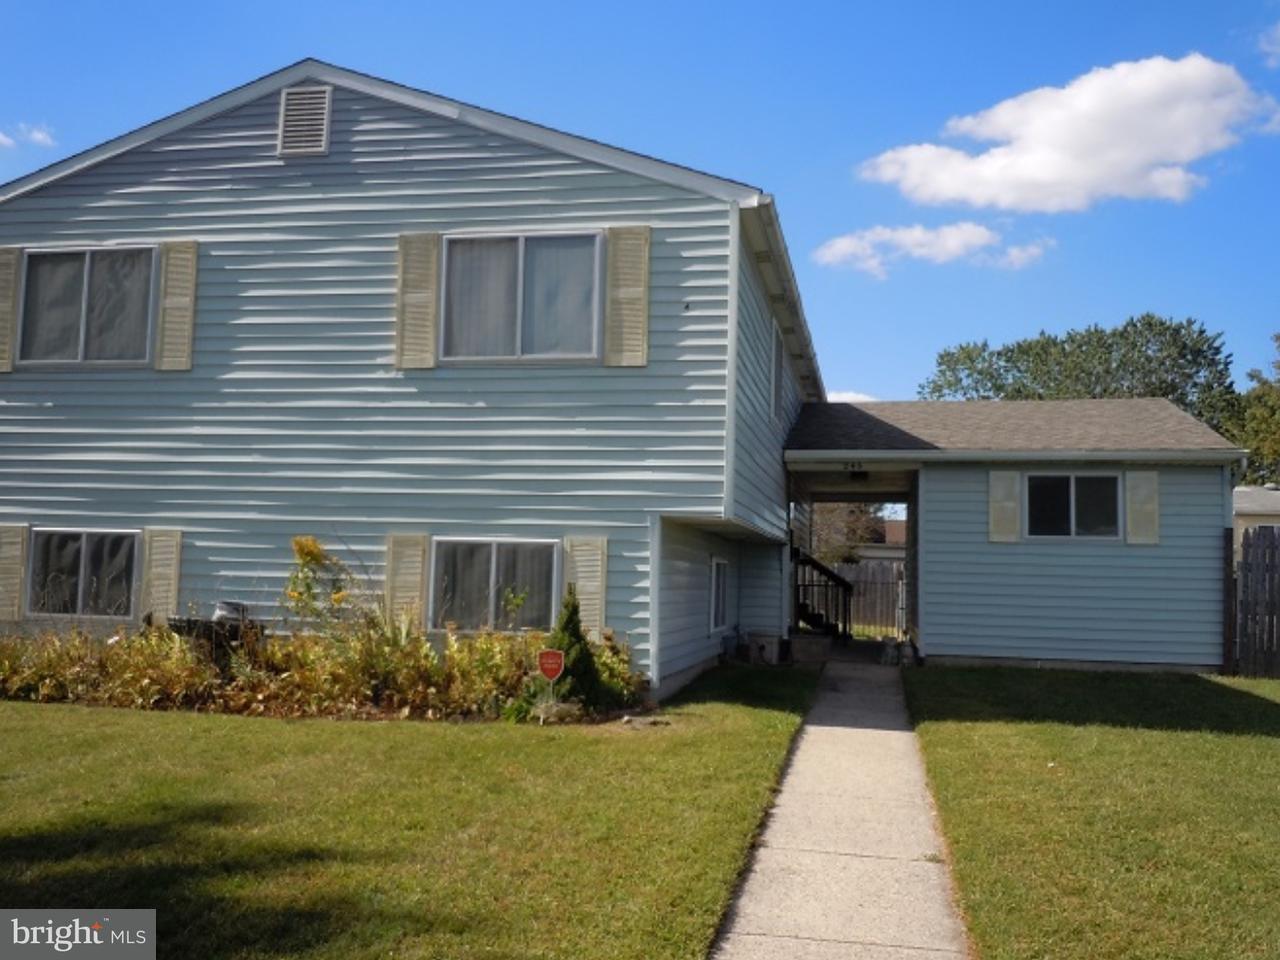 独户住宅 为 销售 在 245 PRINCETON Avenue Pemberton, 新泽西州 08068 美国